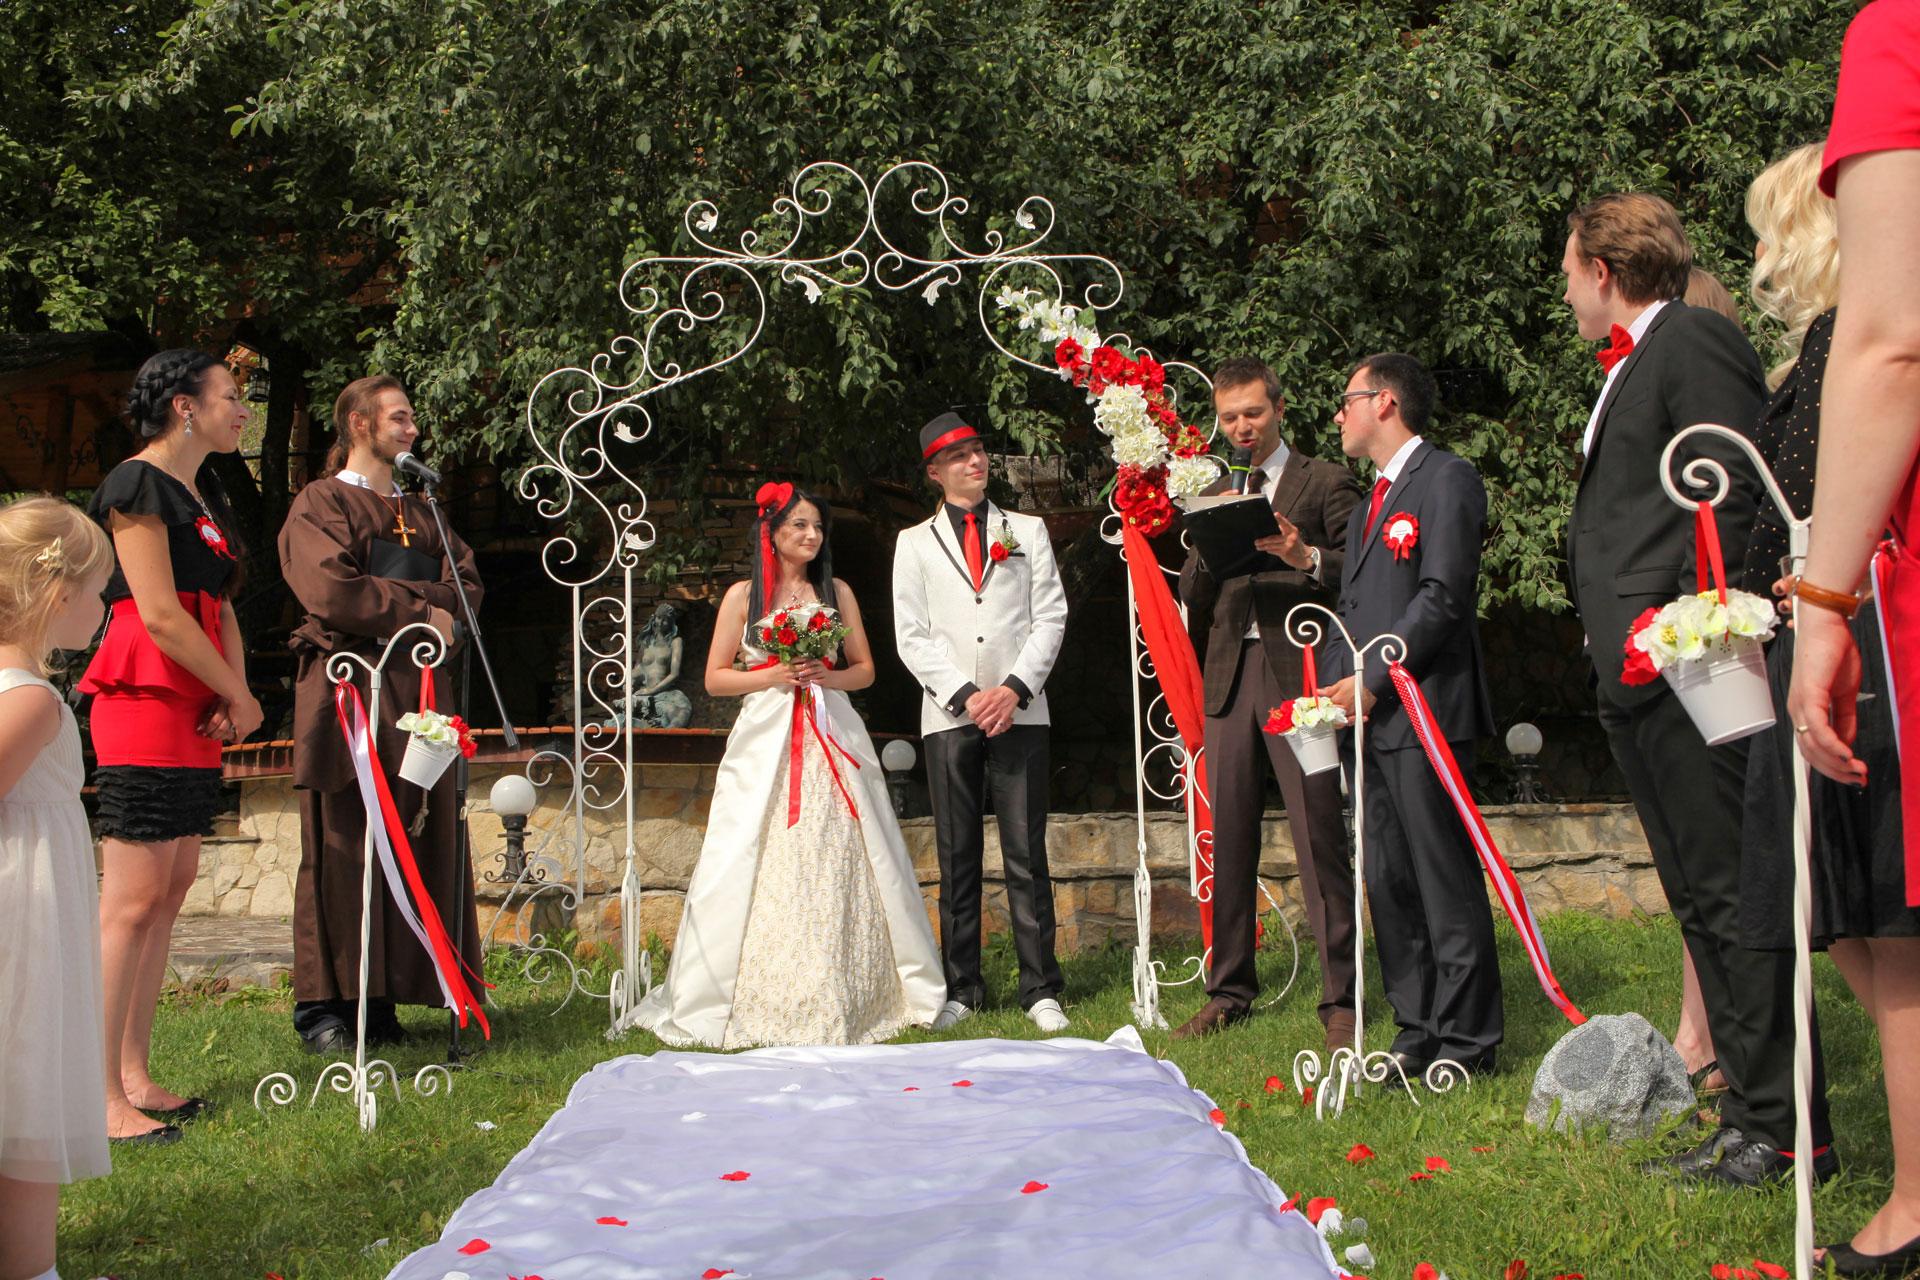 Вау-эффект: ведущие церемонии фото 1